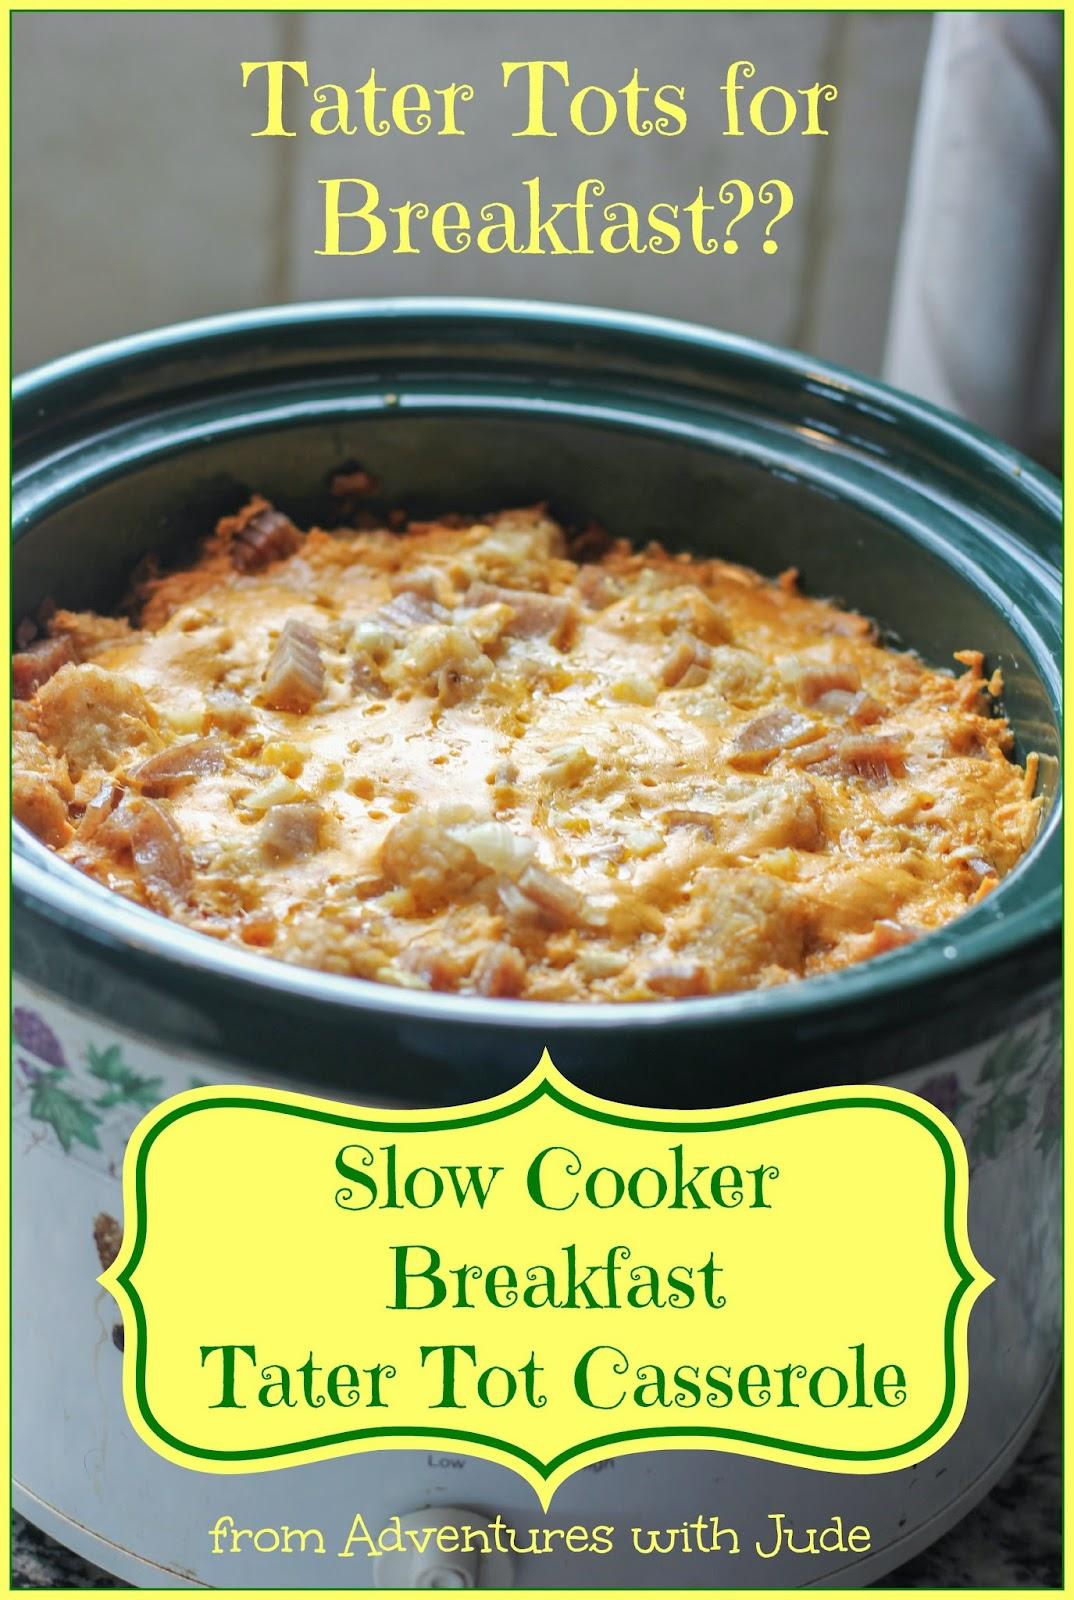 Slow Cooker Breakfast Tater Tot Casserole dairy free